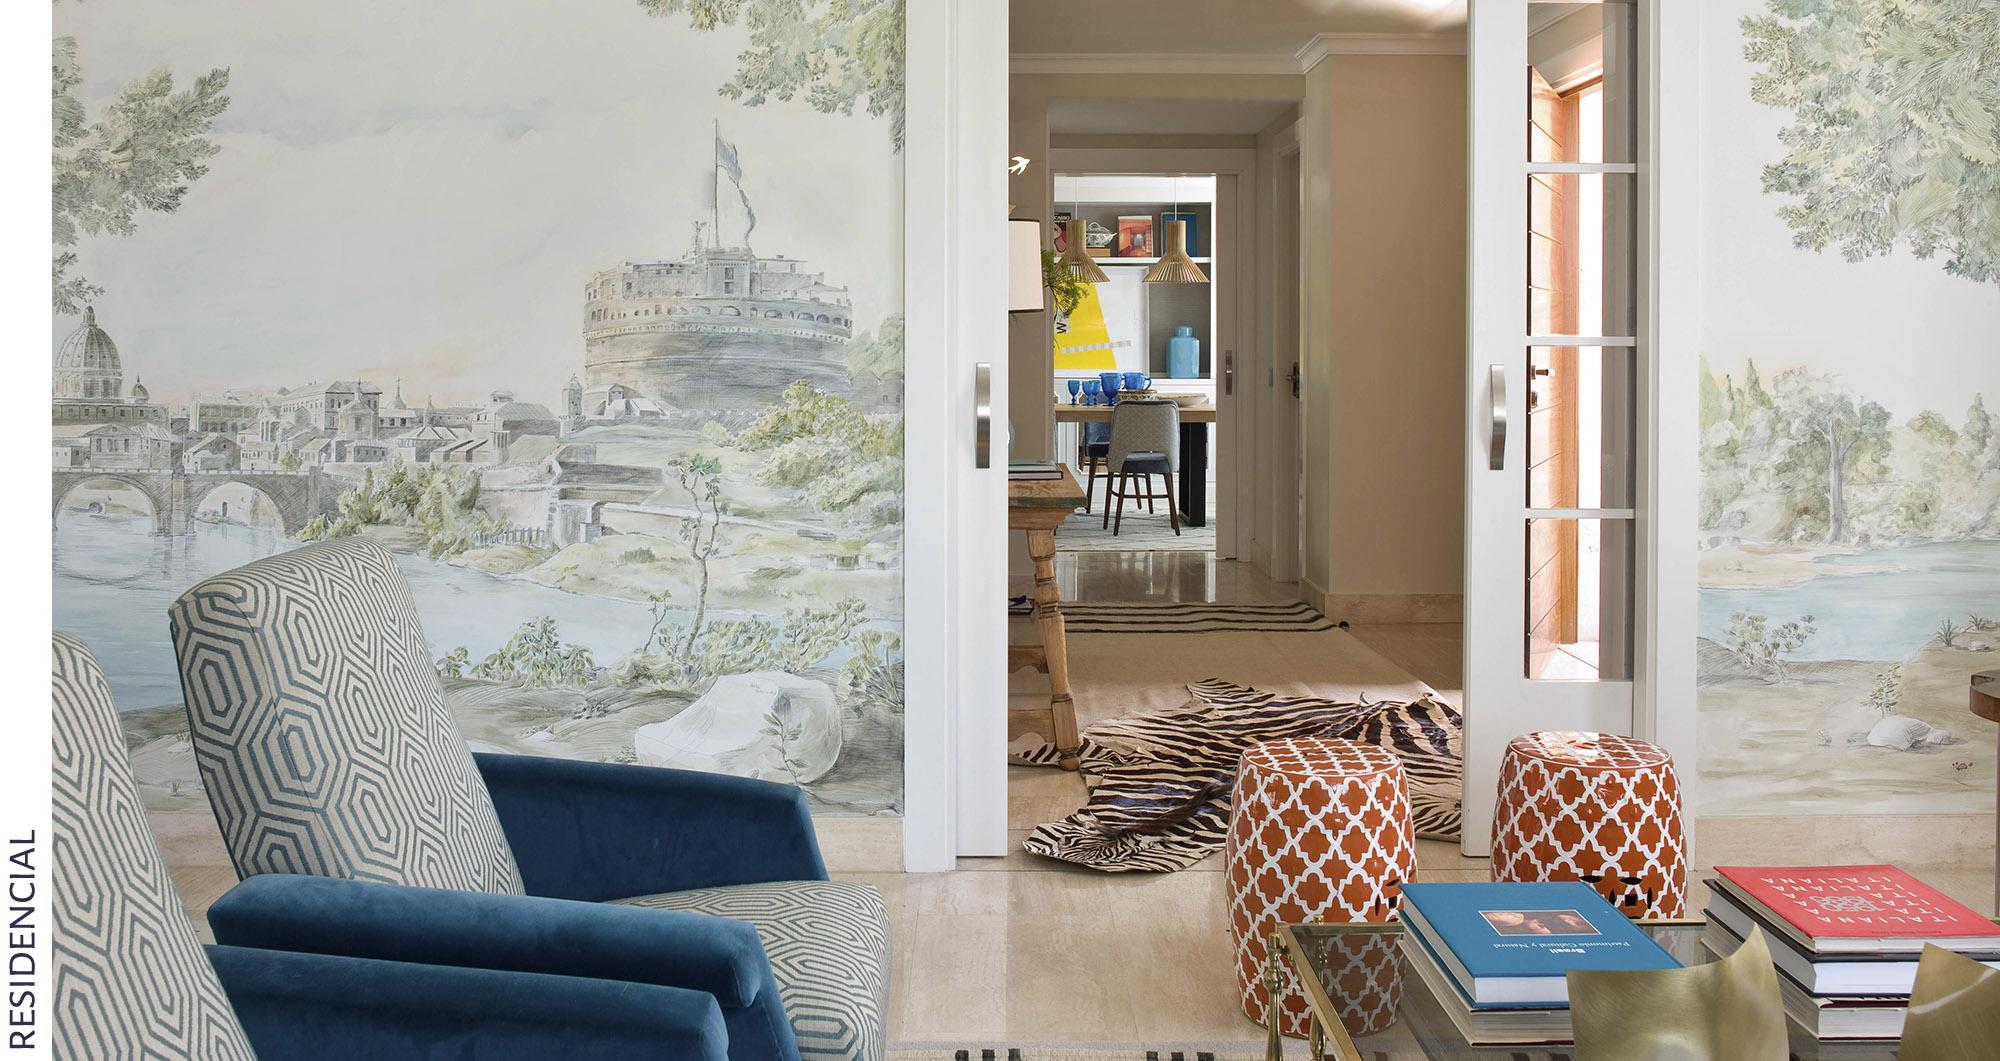 Mural pintado en la pared con dibujo de bosque, decoración moderna combinando elementos clásicos y modernos, taburetes rojos y sillas tapizadas en dos telas, todo obra de Belén Ferrándiz